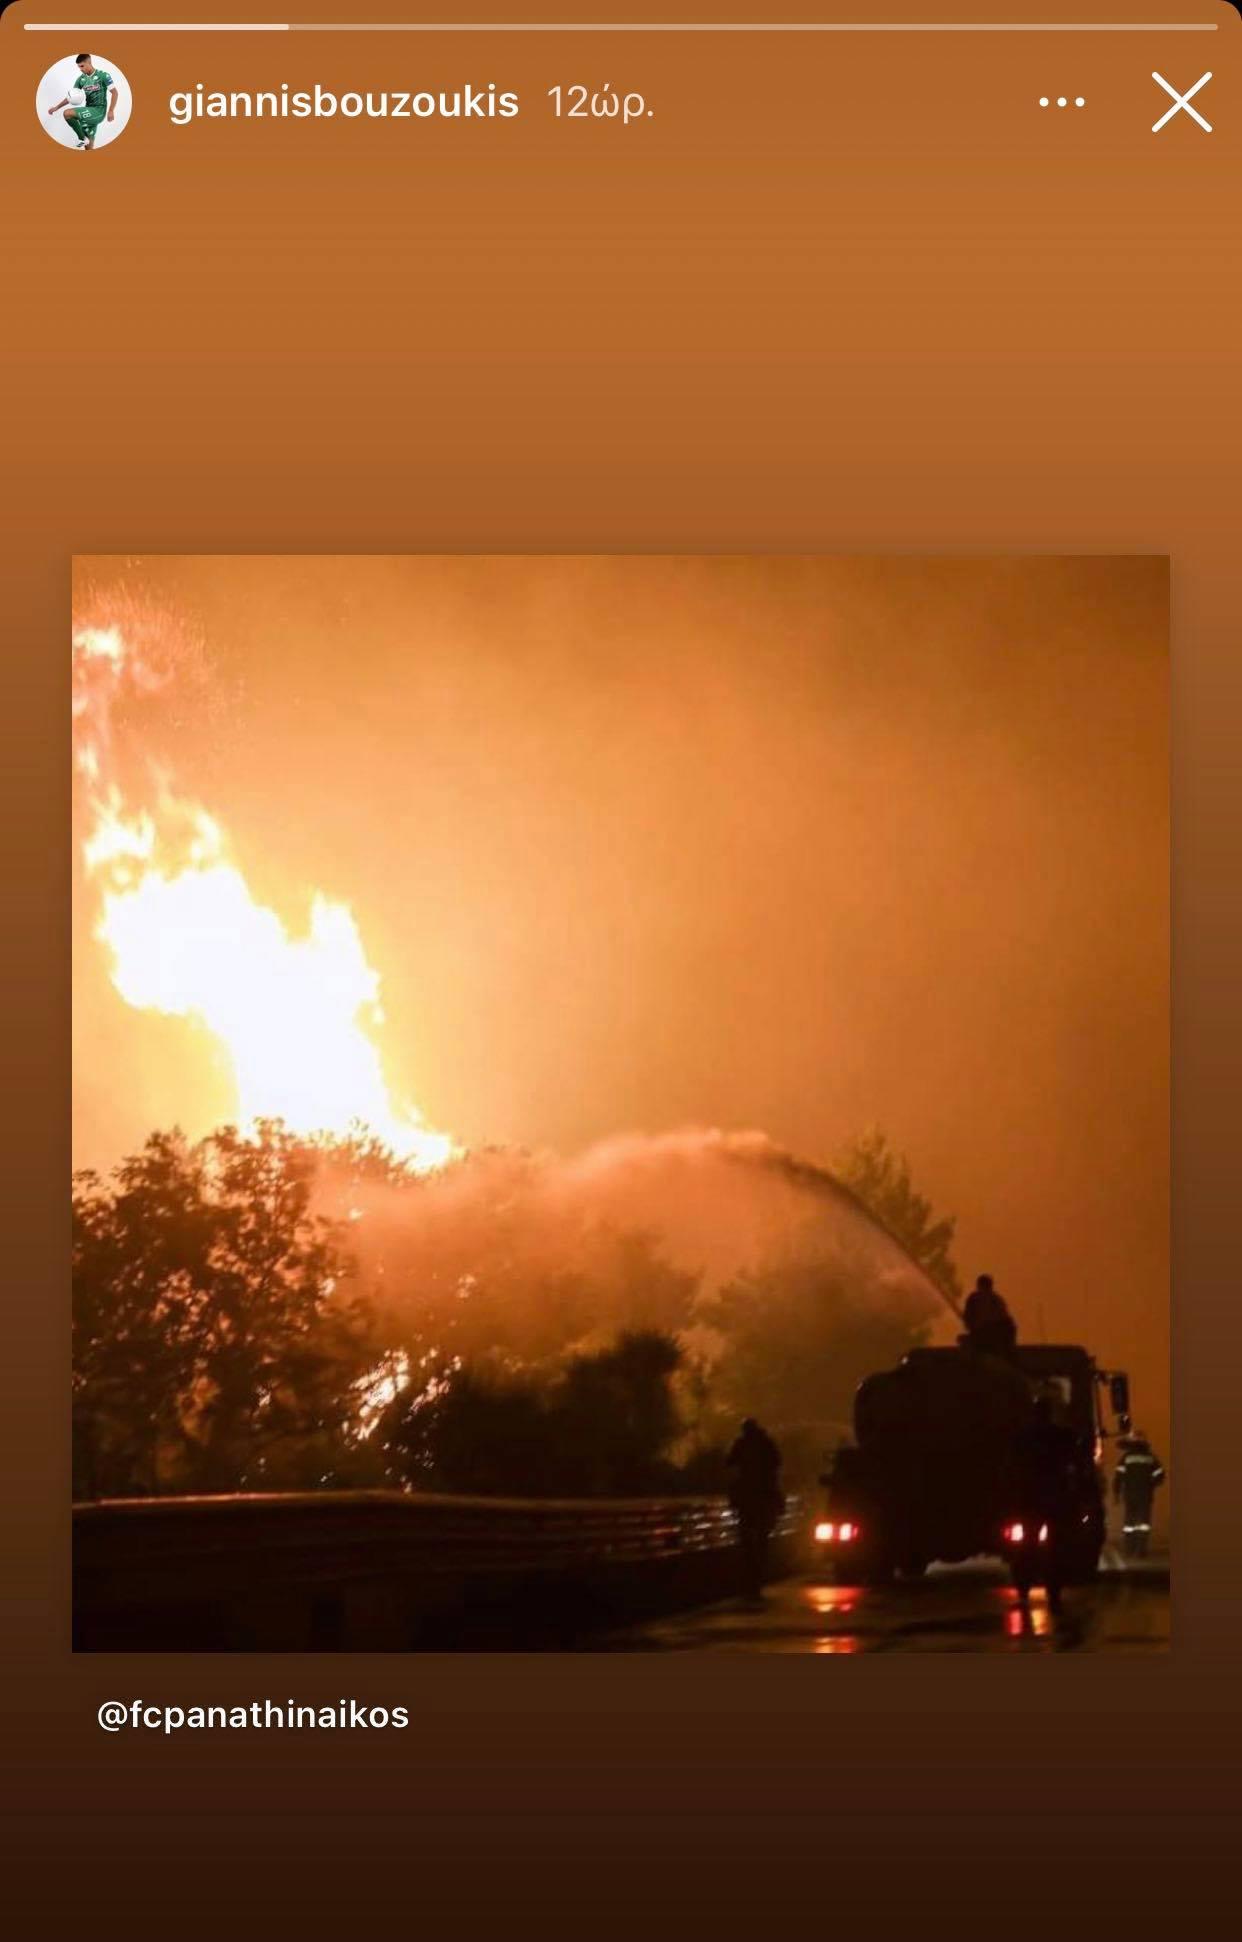 Σοκαρισμένοι από τις φωτιές οι παίκτες του Παναθηναϊκού! (pics)